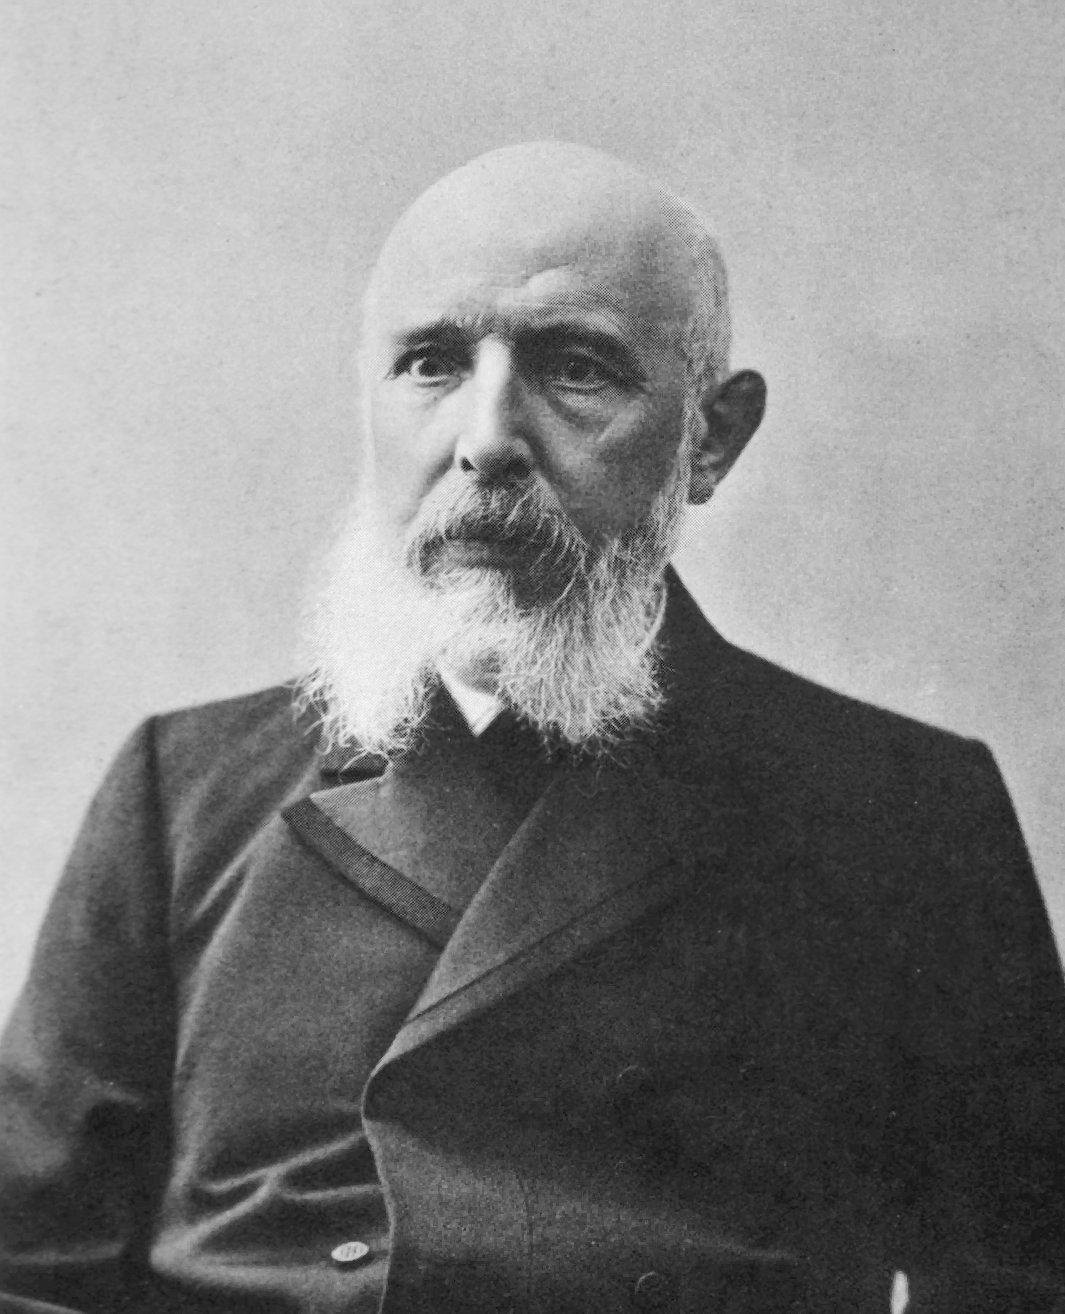 About: Gerhard Armauer Hansen